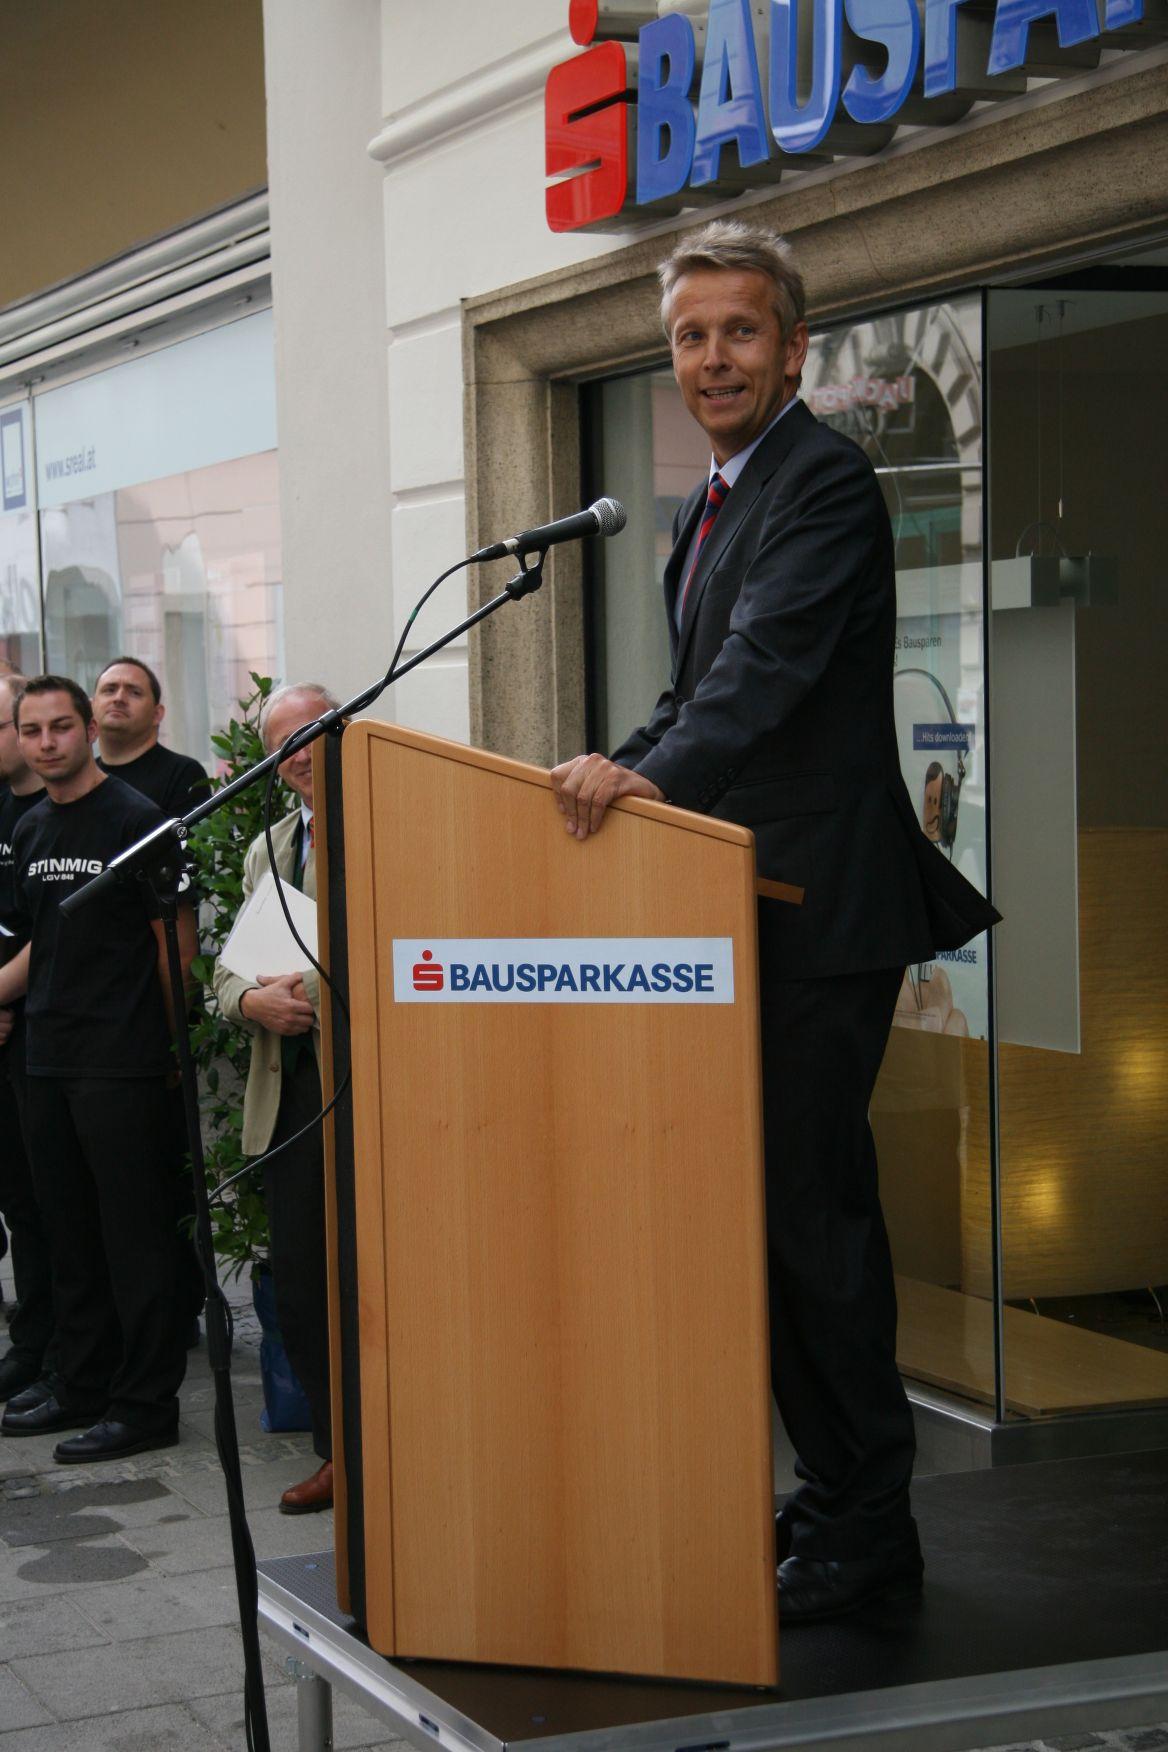 Bei der Eröffnung der s-Bausparkasse in Graz (C) s-Bausparkasse